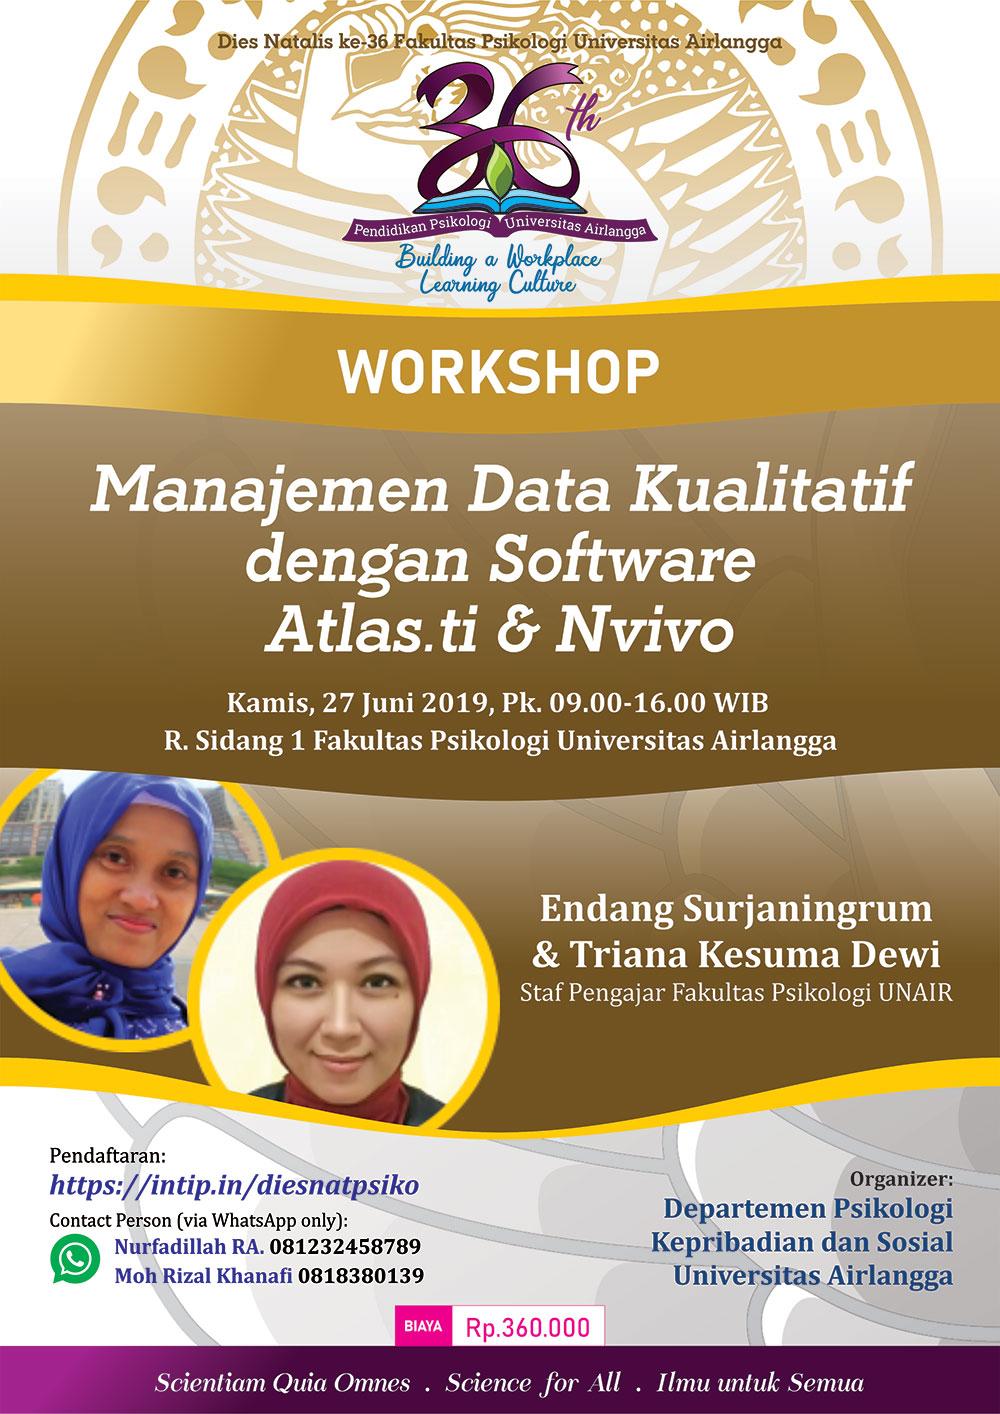 Workshop Manajemen Data Kualitatif dengan Software Atlas.ti & Nvivo